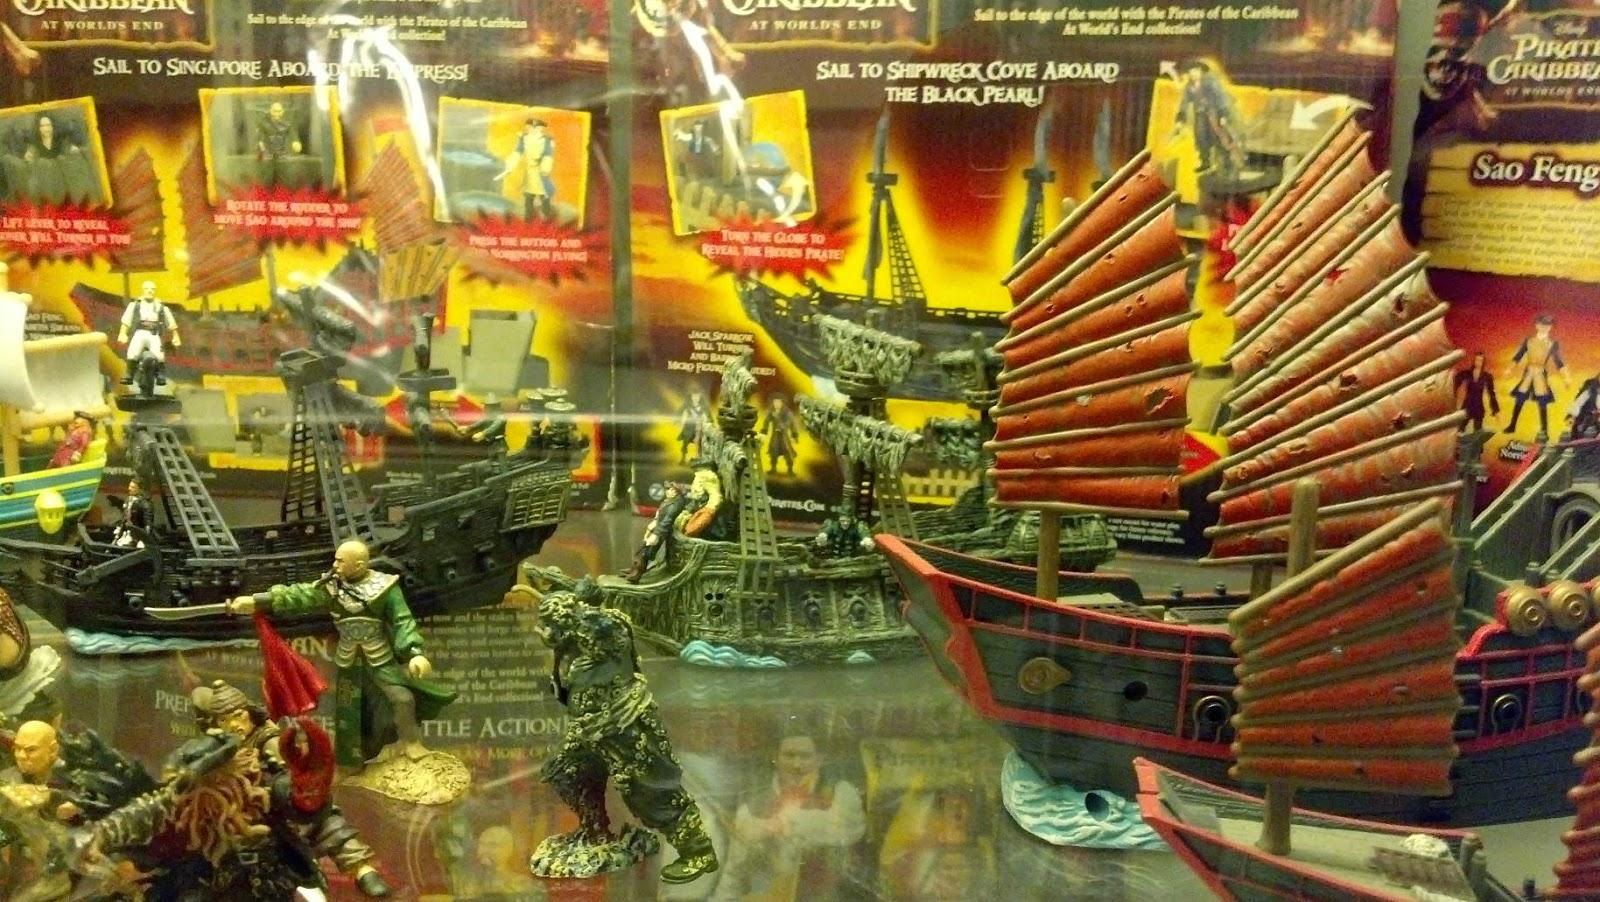 muzium mainan,pulau pinang,penang best places